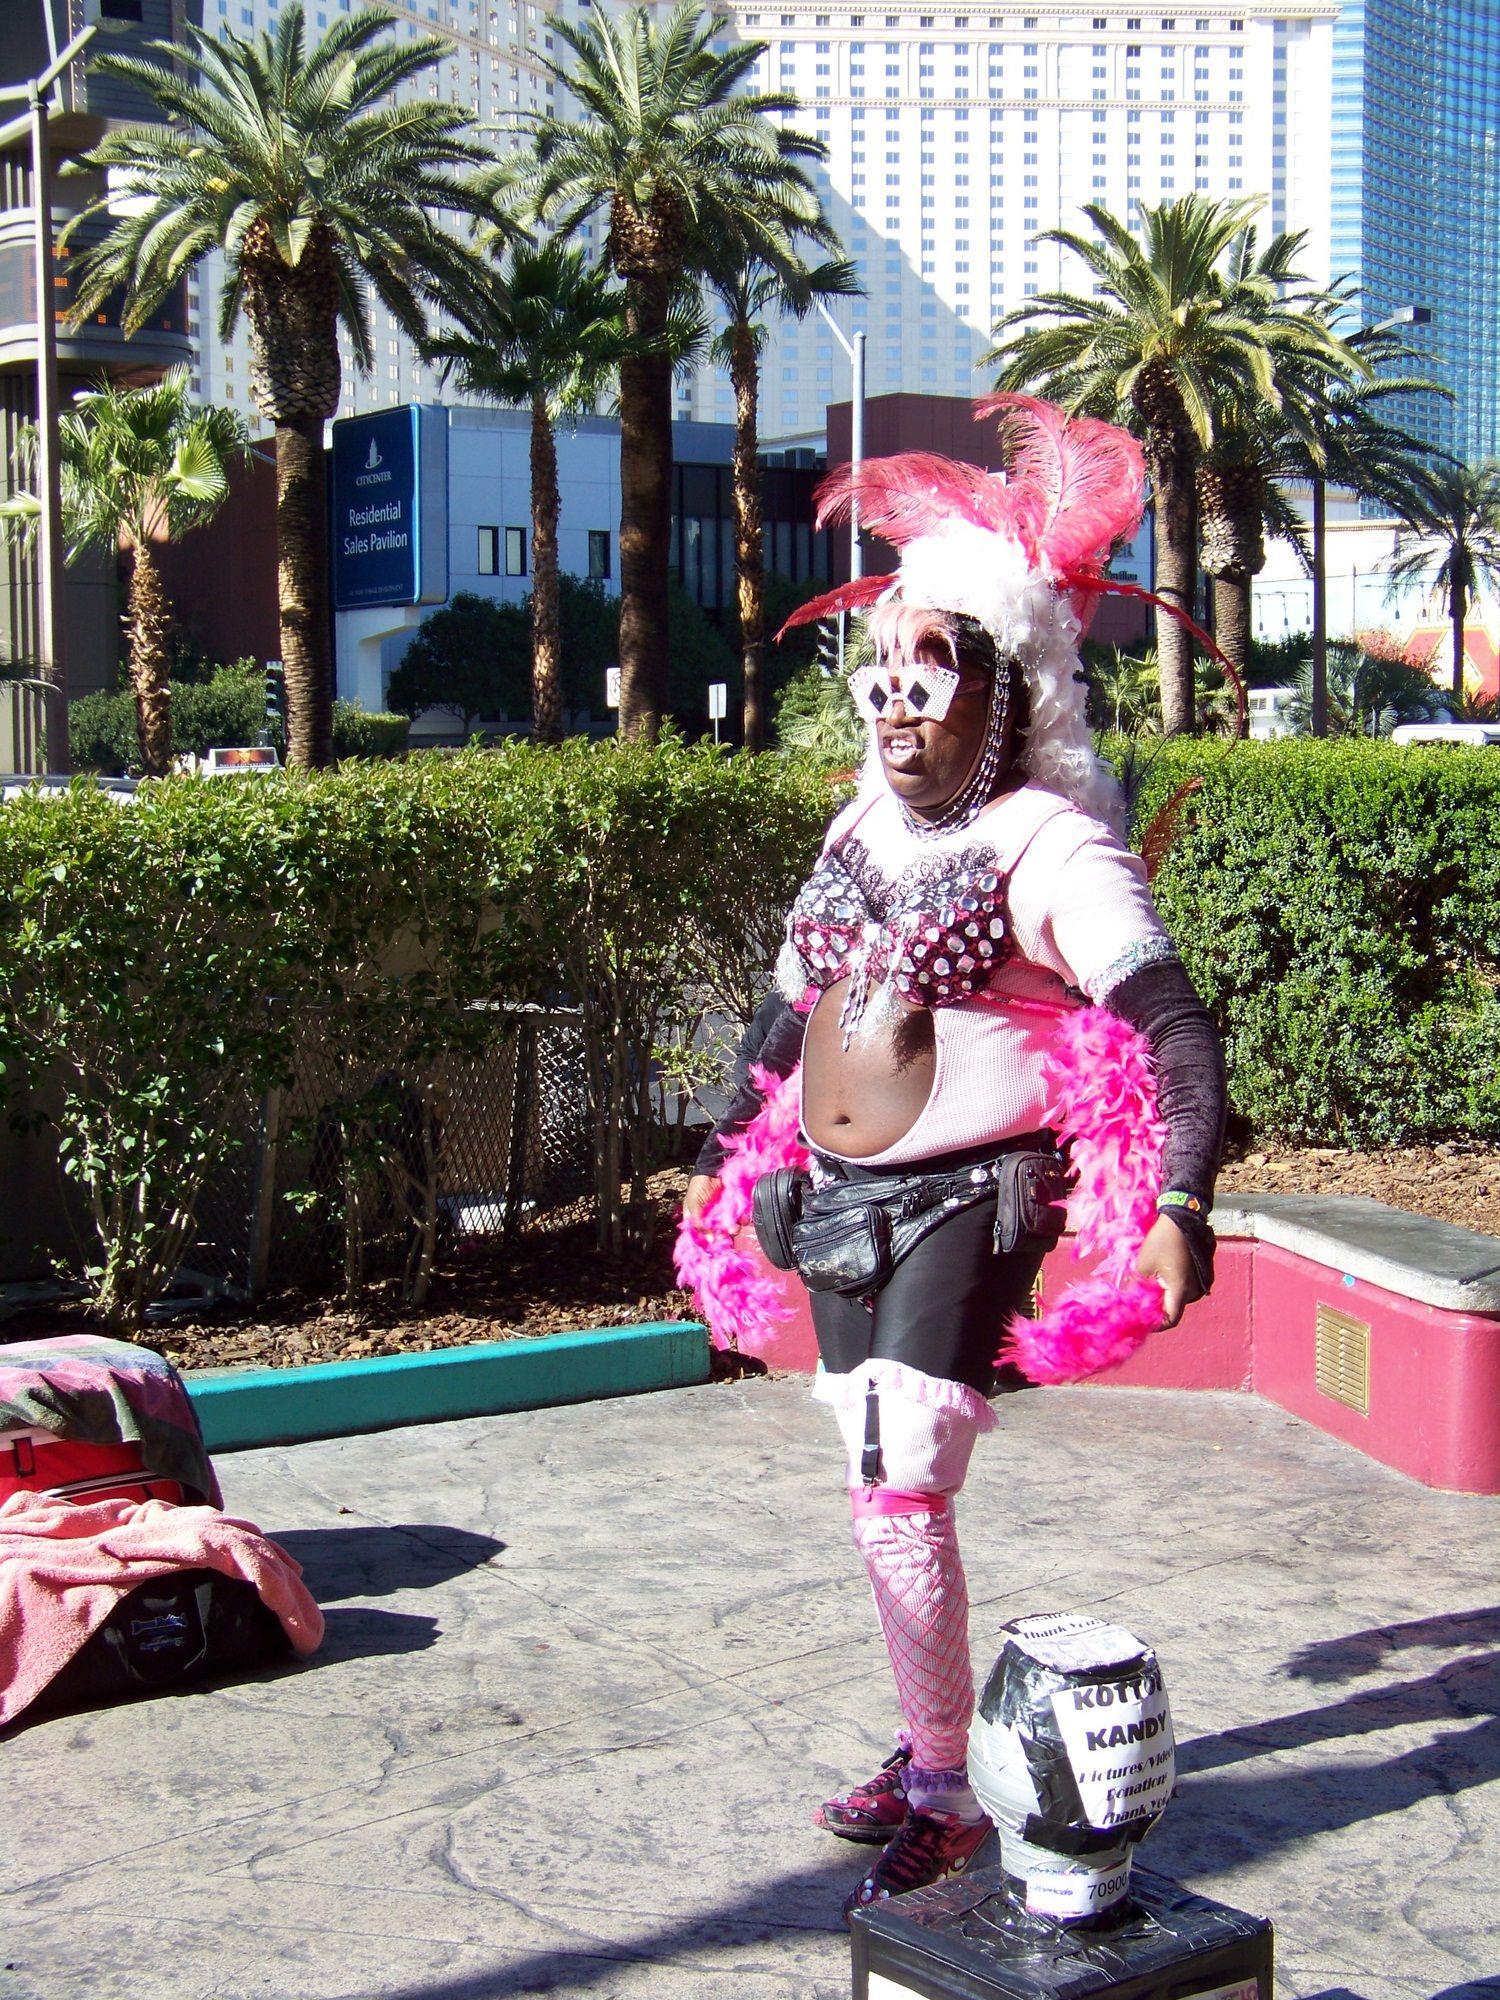 Las Vegas, die Stadt in der alles möglich ist! Die schönsten Hotels in Las Vegas gibt es hier: http://www.hotelreservierung.com/index.php?seite=hotelsuche-liste&si=ai%2Cco%2Cci%2Cre&ssai=1&ssre=1&do_availability_check=on&aid=318826&lang=de&checkin_monthday=&checkin_month=&checkin_year=&checkout_monthday=&checkout_month=&checkout_year=&ss=Las+Vegas&datePick1=&datePick2=